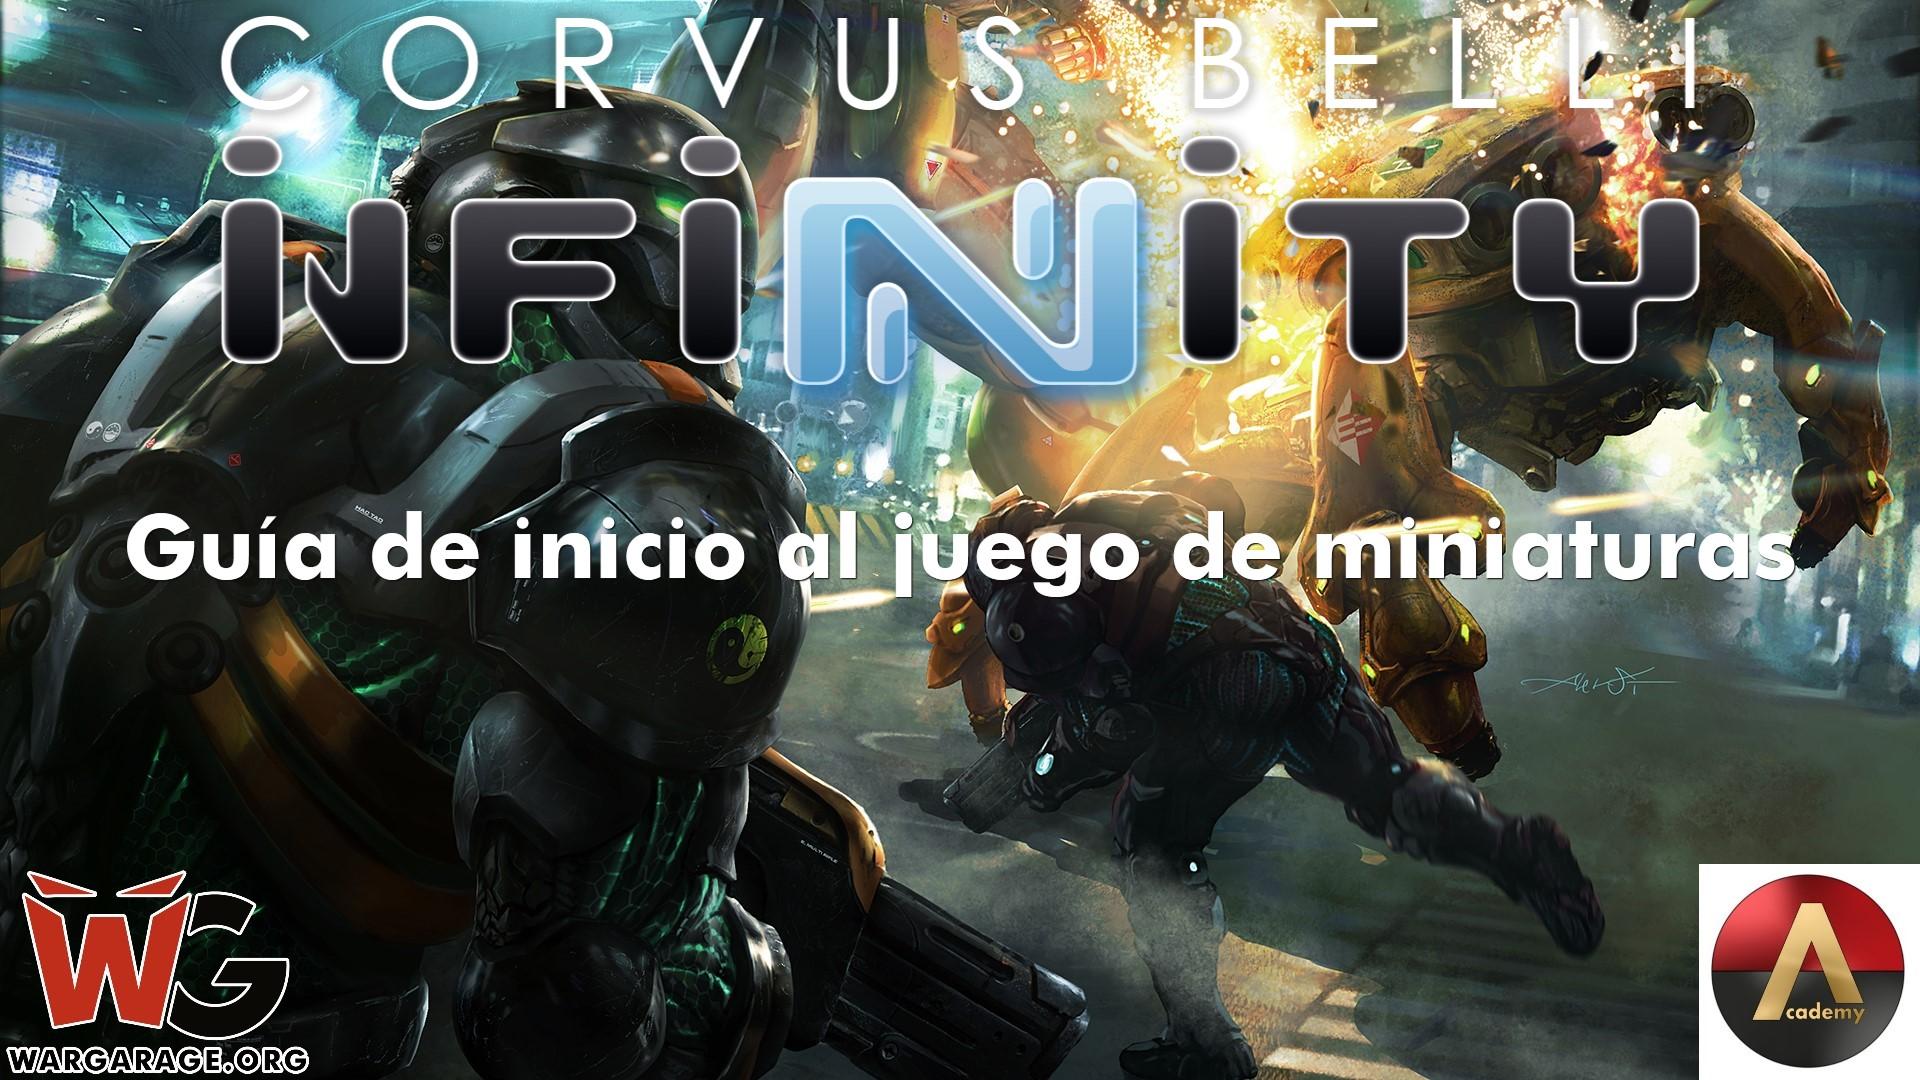 Infinity portada guia de inicio